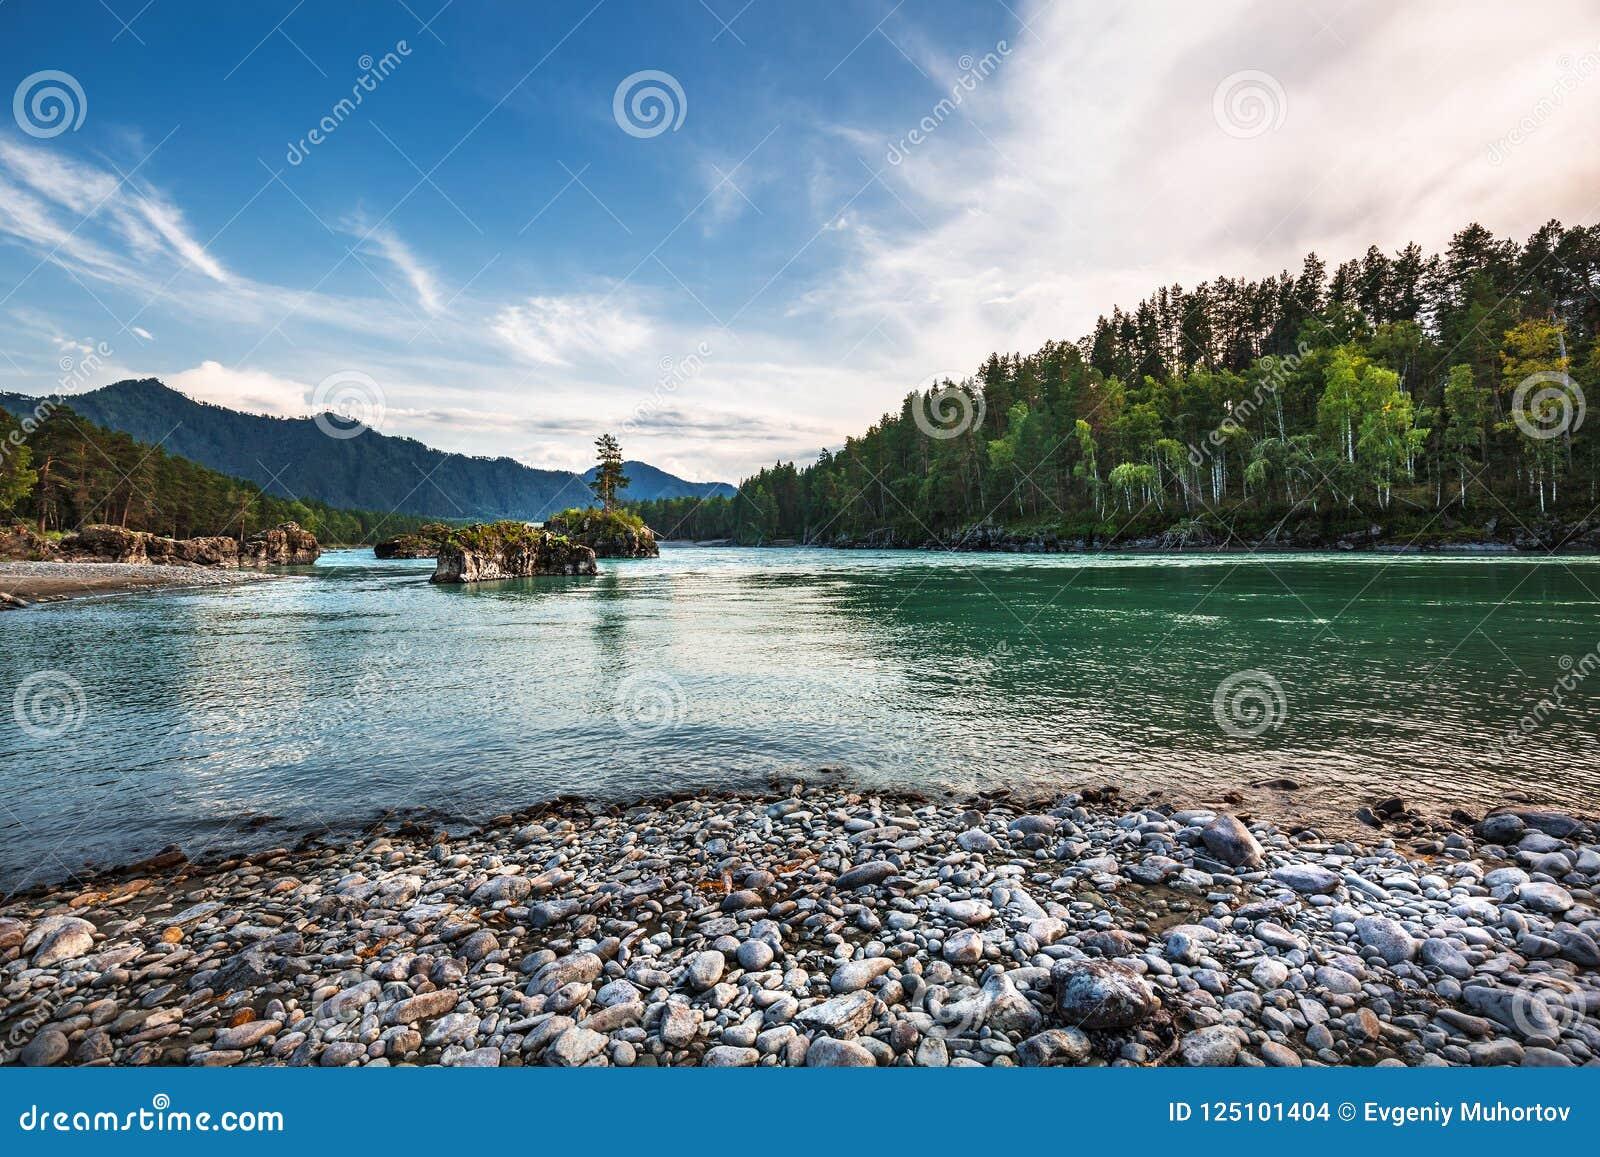 ποταμός Αυγούστου altai του 2006 katun Βουνό Altai, νότια Σιβηρία, Ρωσία